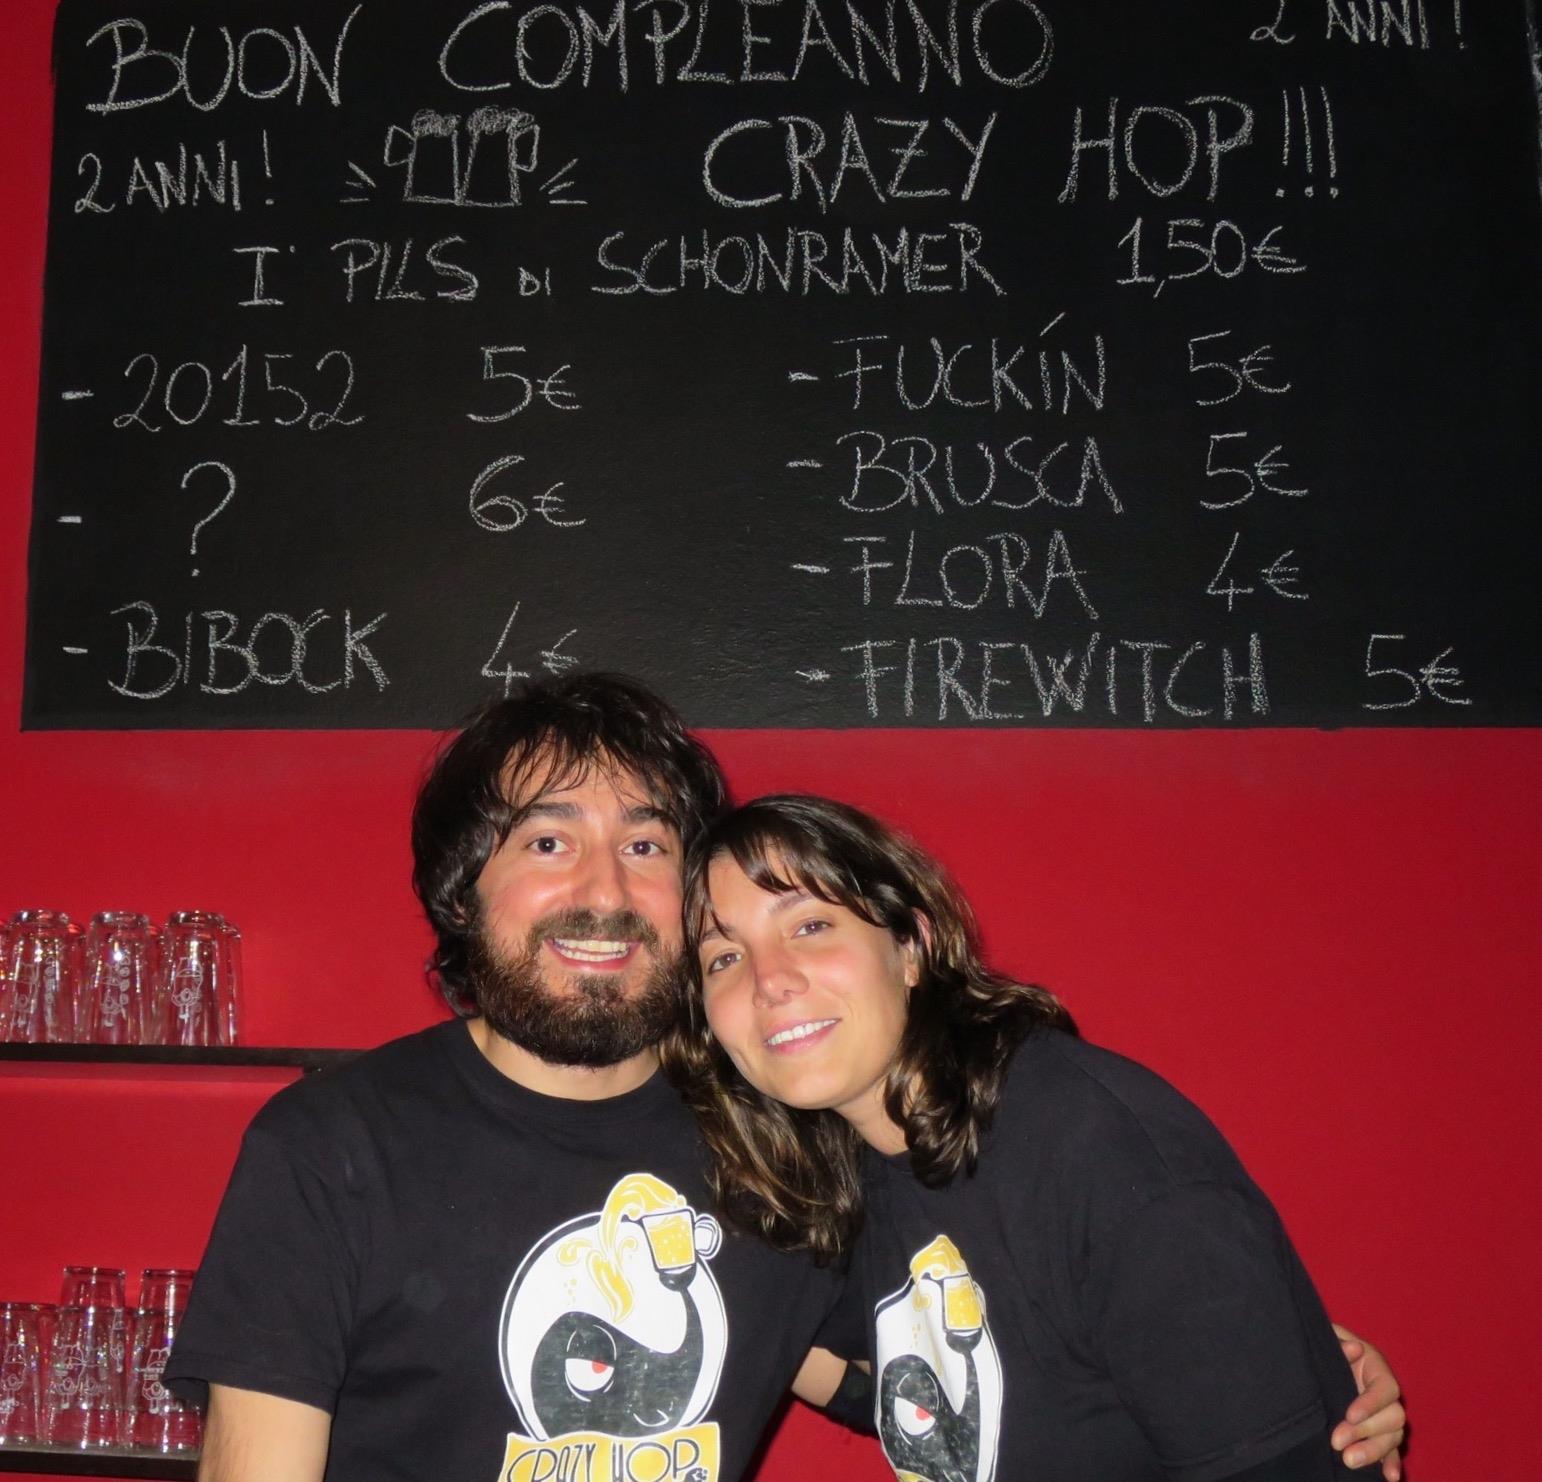 Crazy Hop: la Birra Artigianale è arrivata nel cuore di Baggio (Milano)!